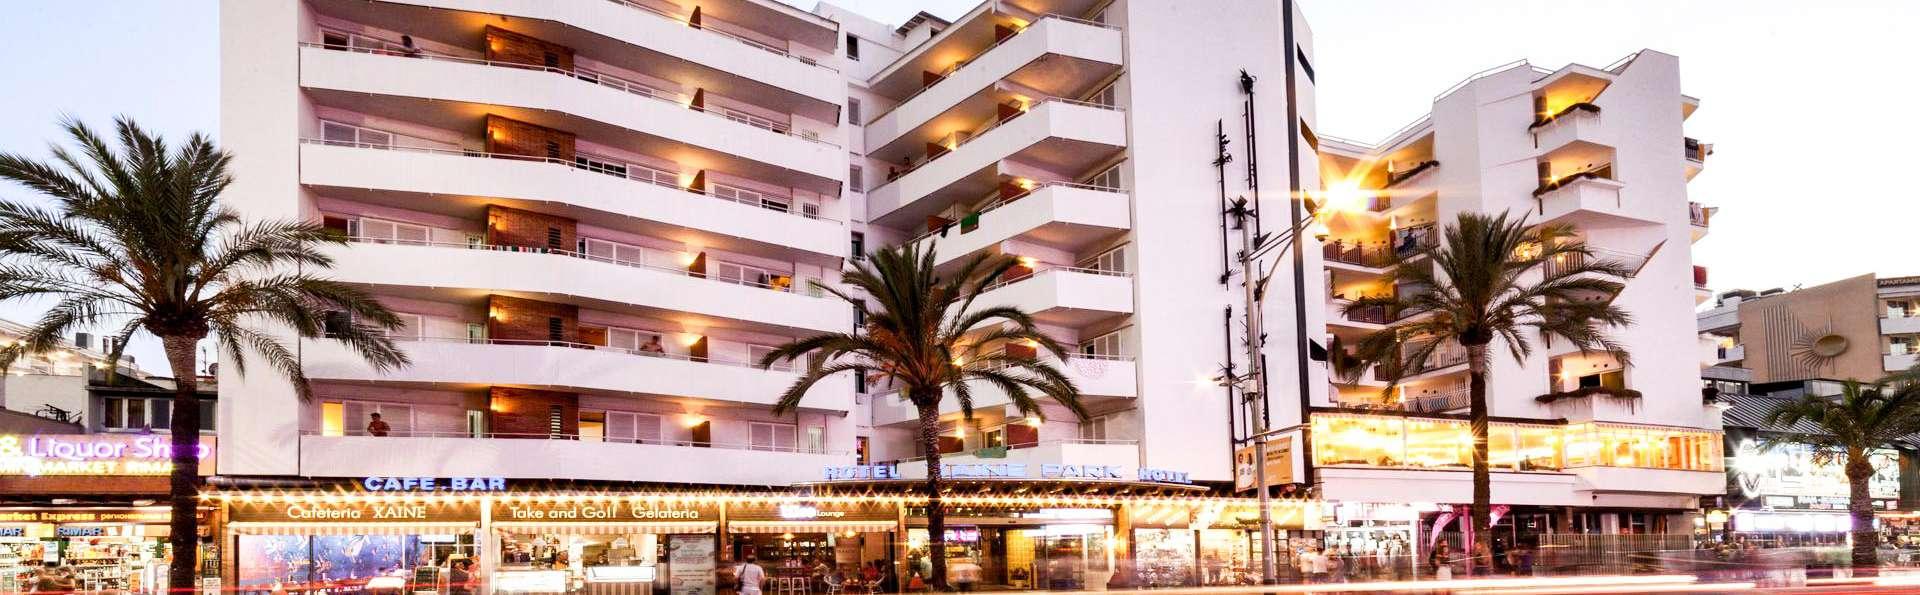 Hotel Xaine Park - EDIT_N2_FRONT_03.jpg